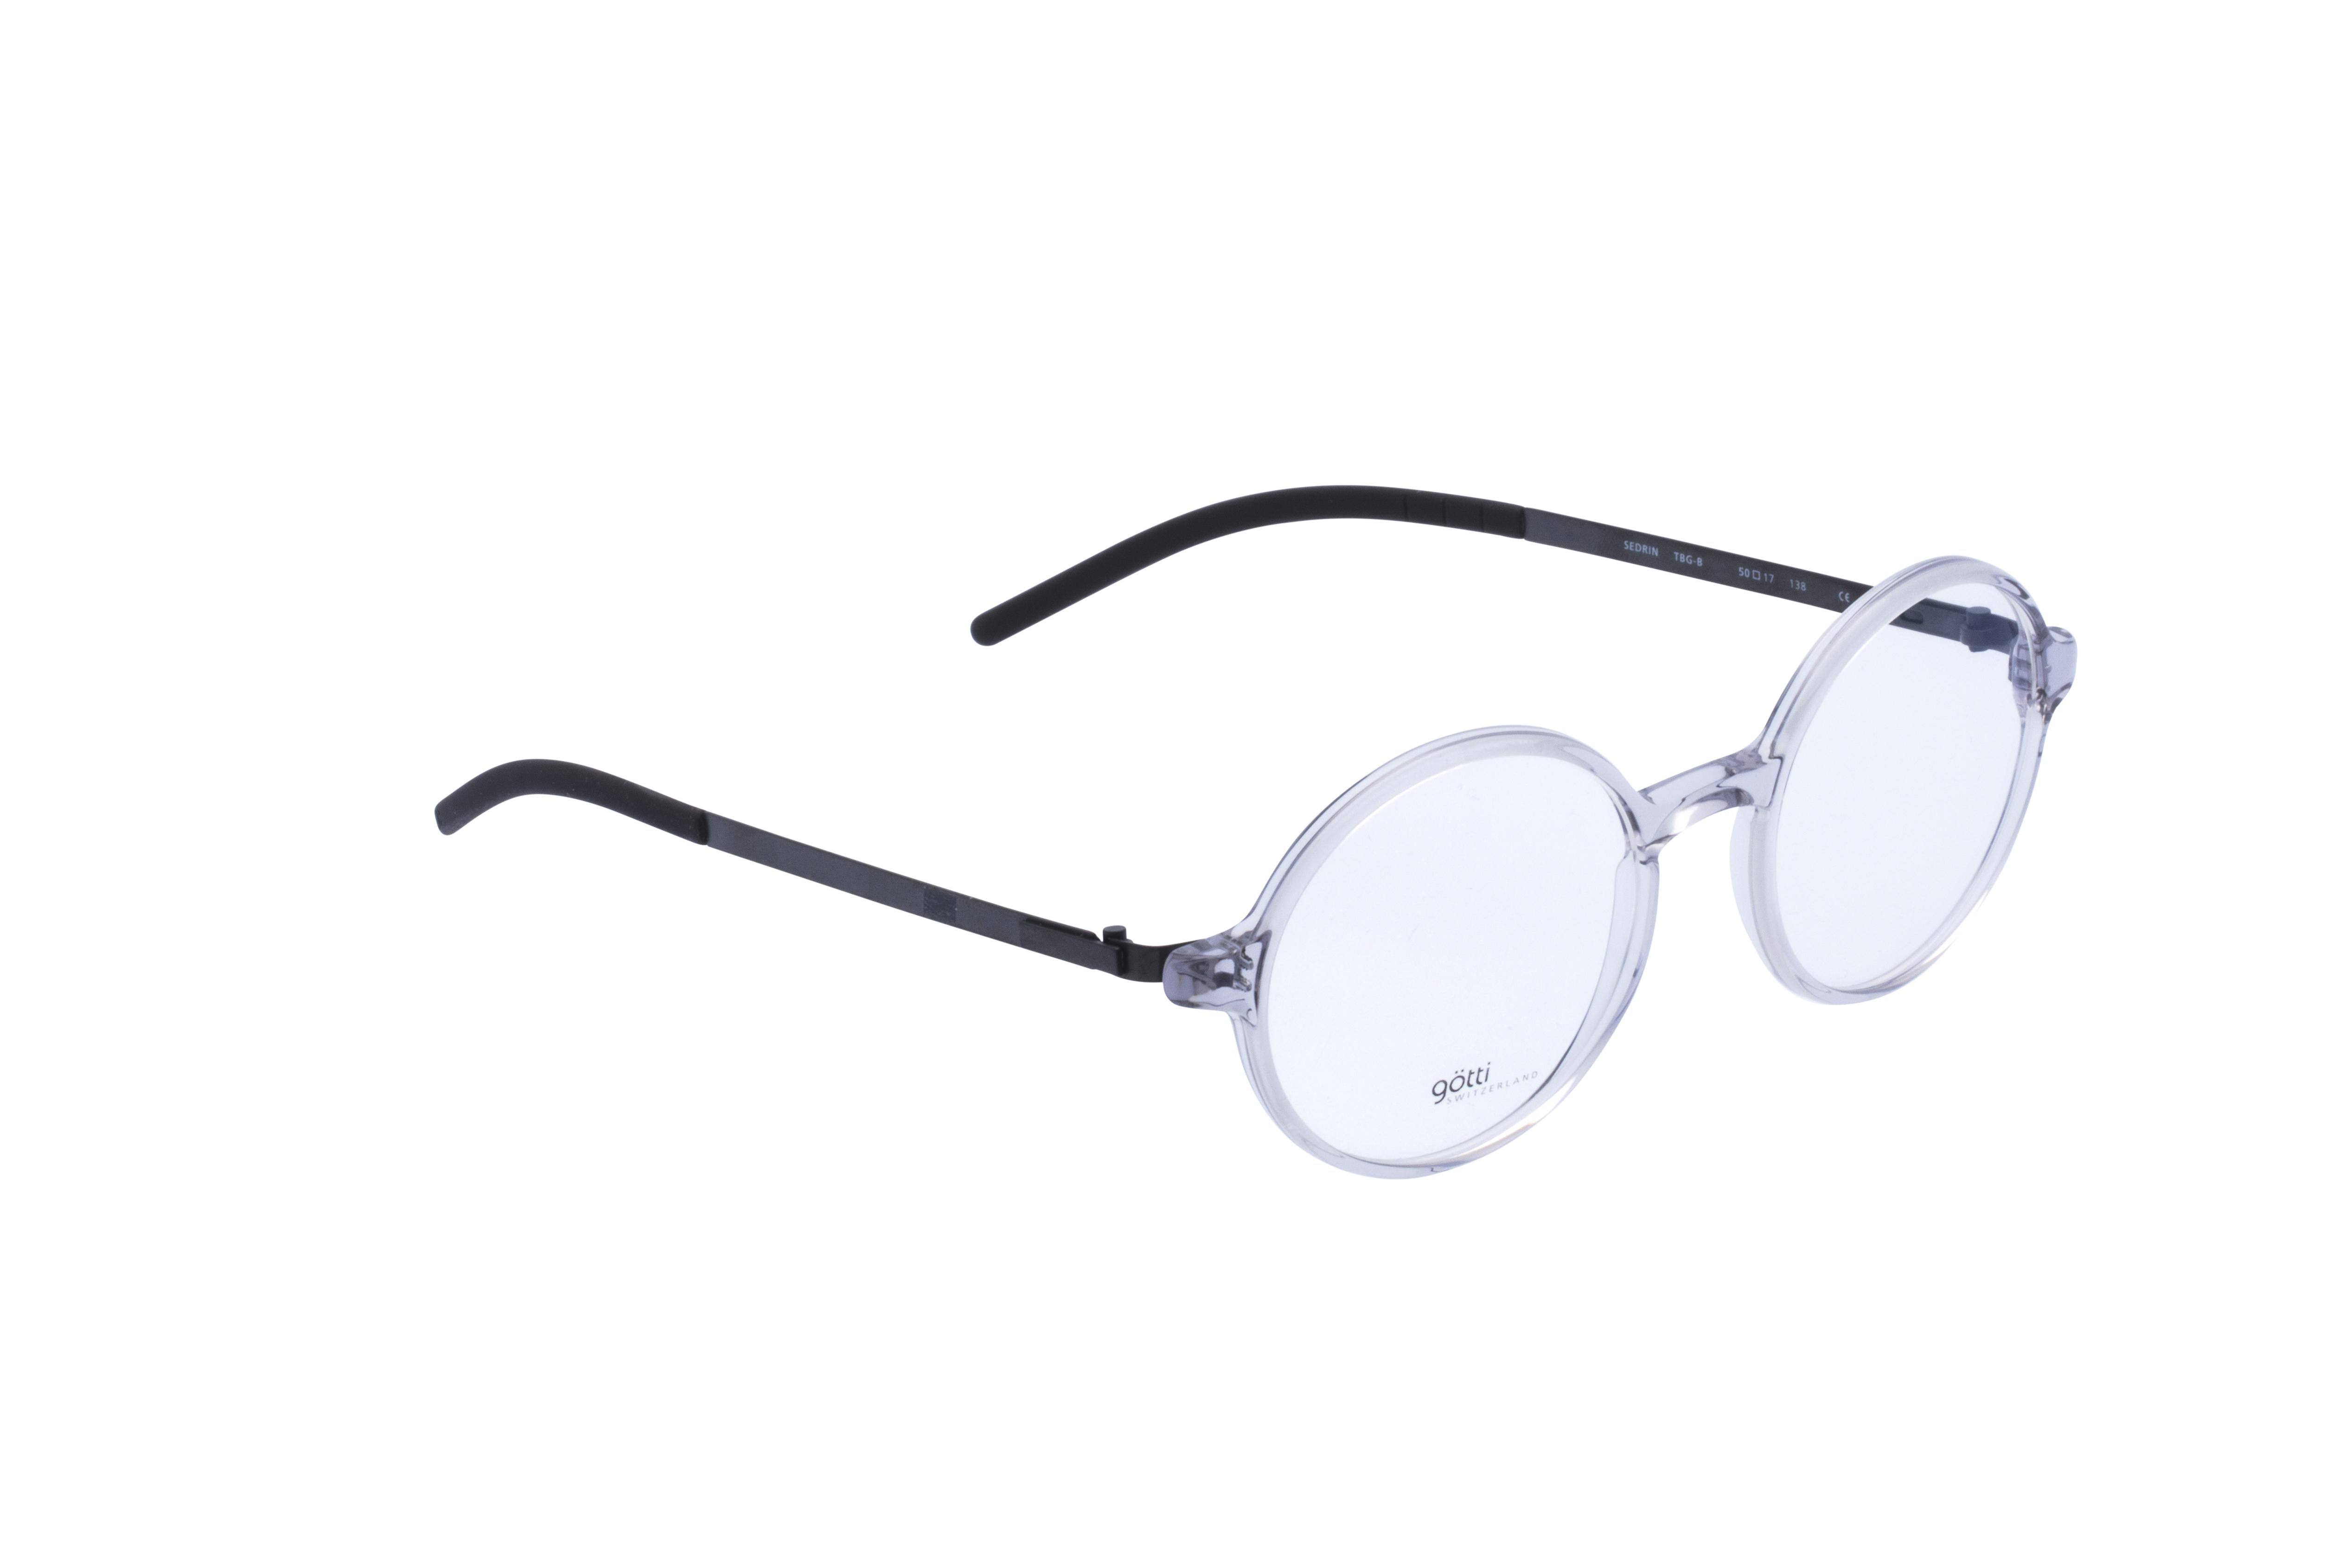 360 Grad Ansicht 3 Götti Sedrin, Brille auf Weiß - Fassung bei KUNK